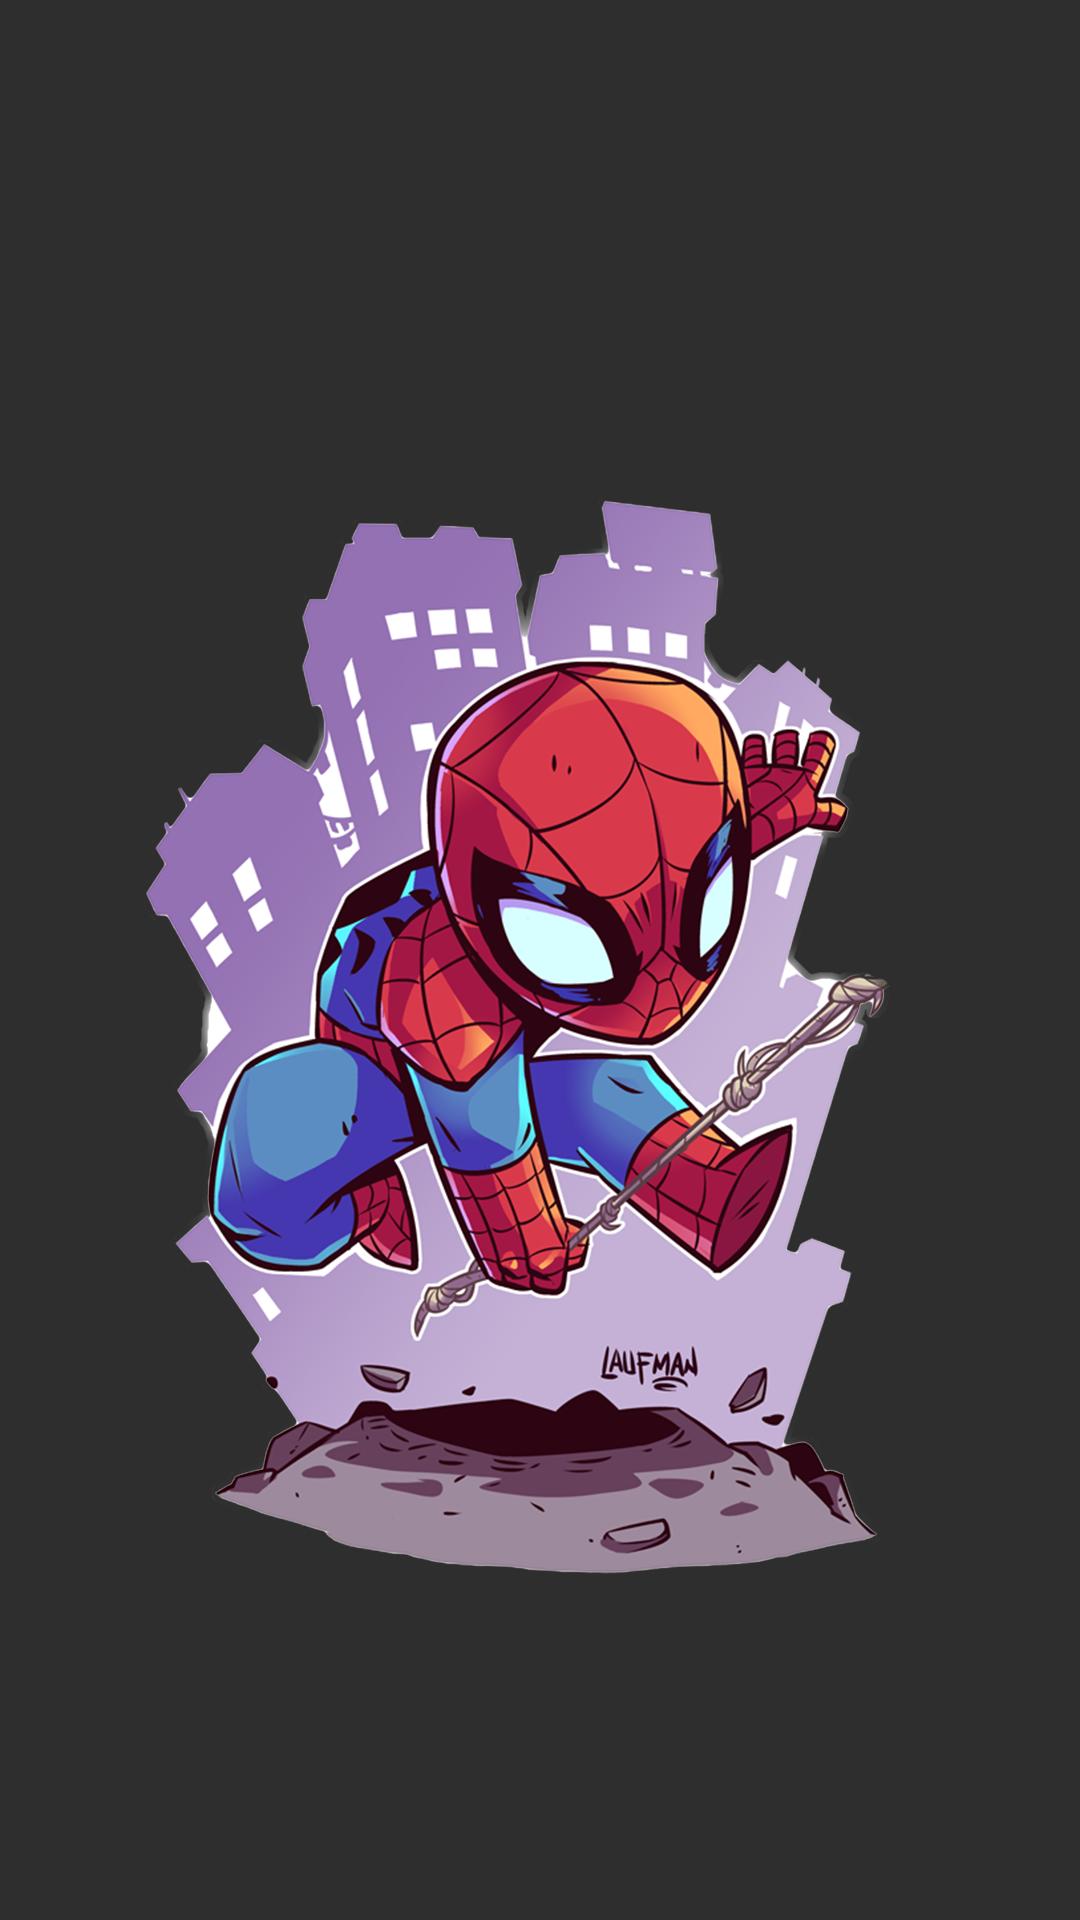 Sfondi illustrazione cartone animato supereroe marvel comics